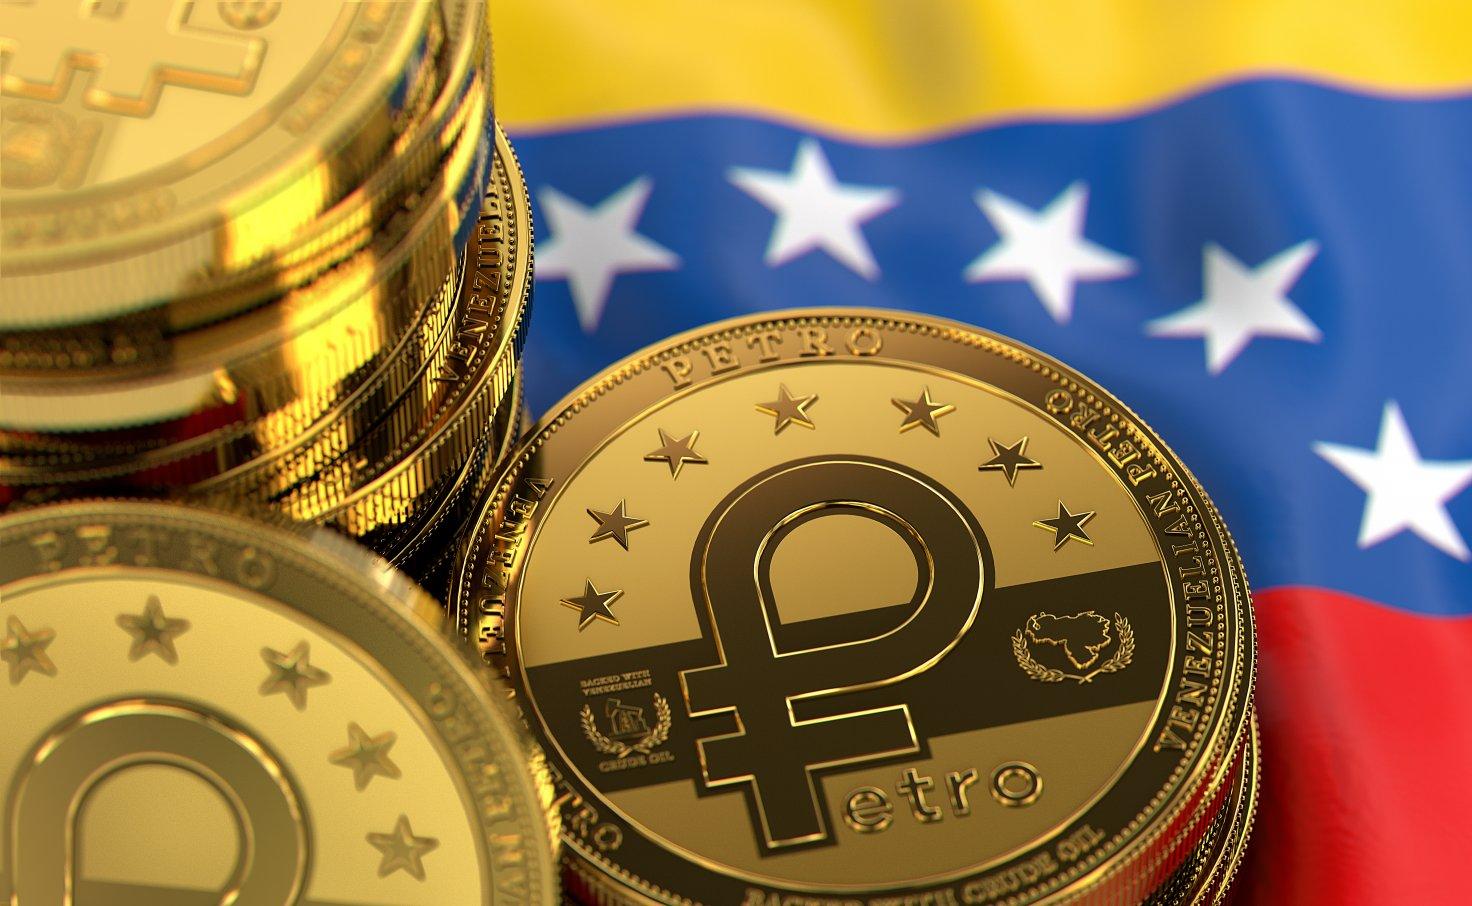 cryptocurrency petro venezuela price